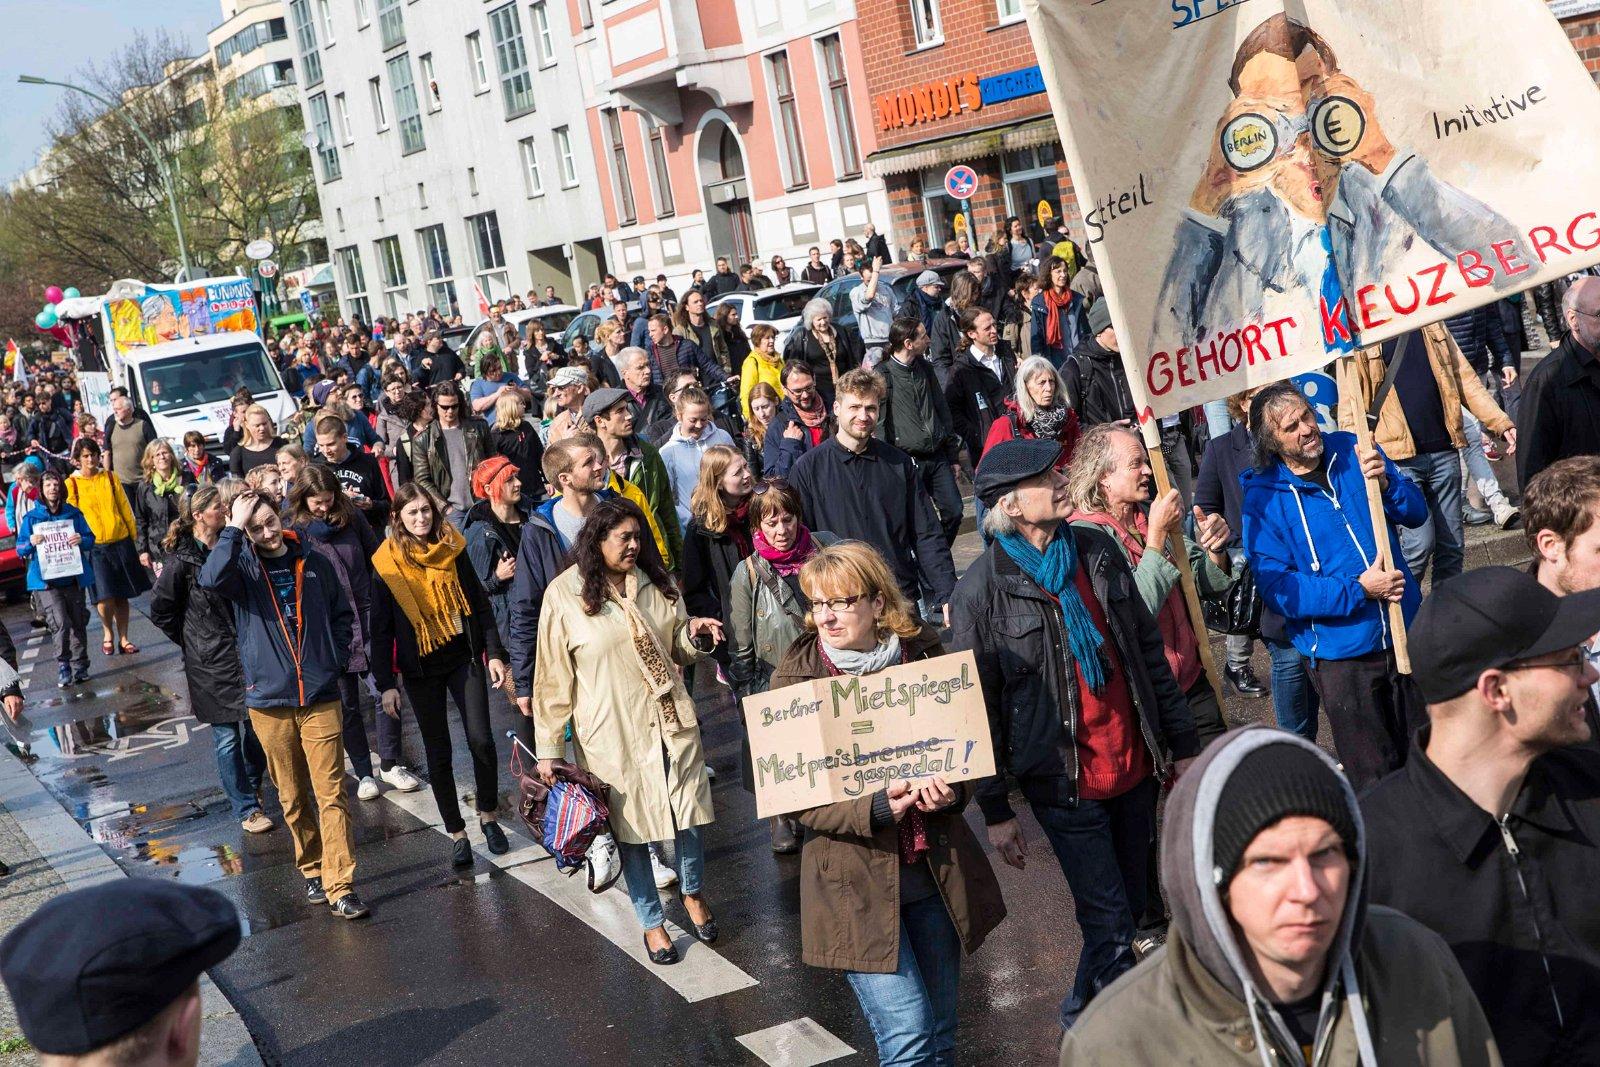 Les gens gardent une marche.